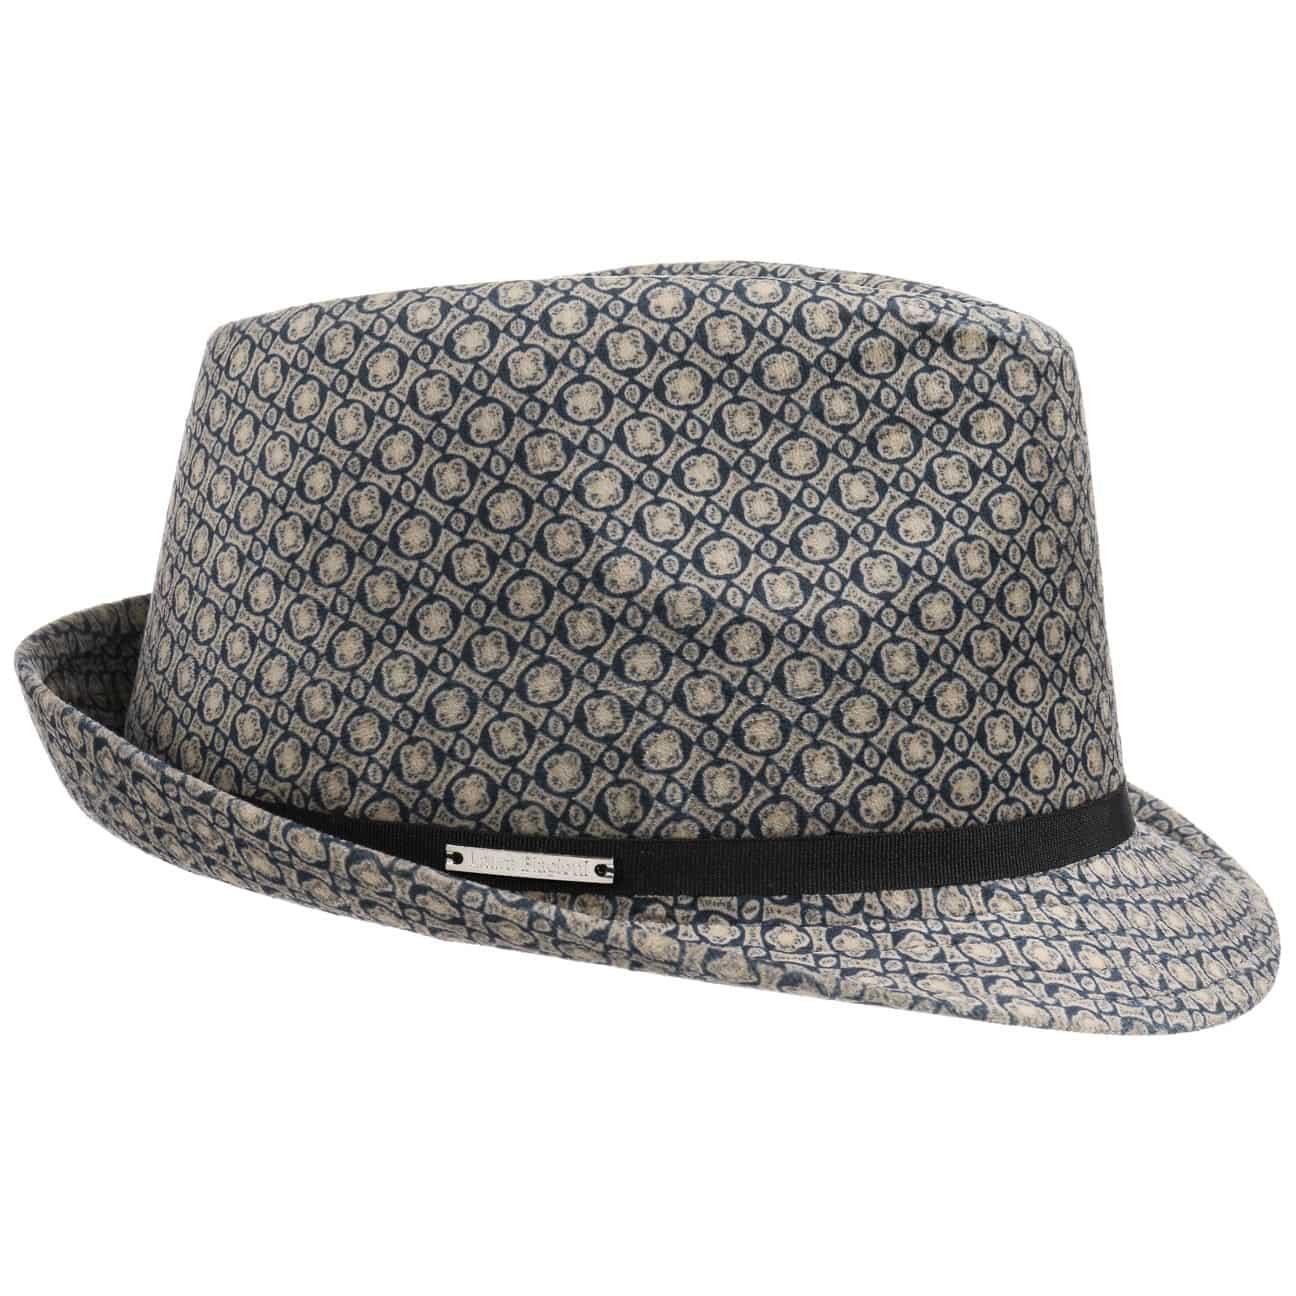 Sombrero Velvet Trilby by Laura Biagiotti  sombrero de mujer